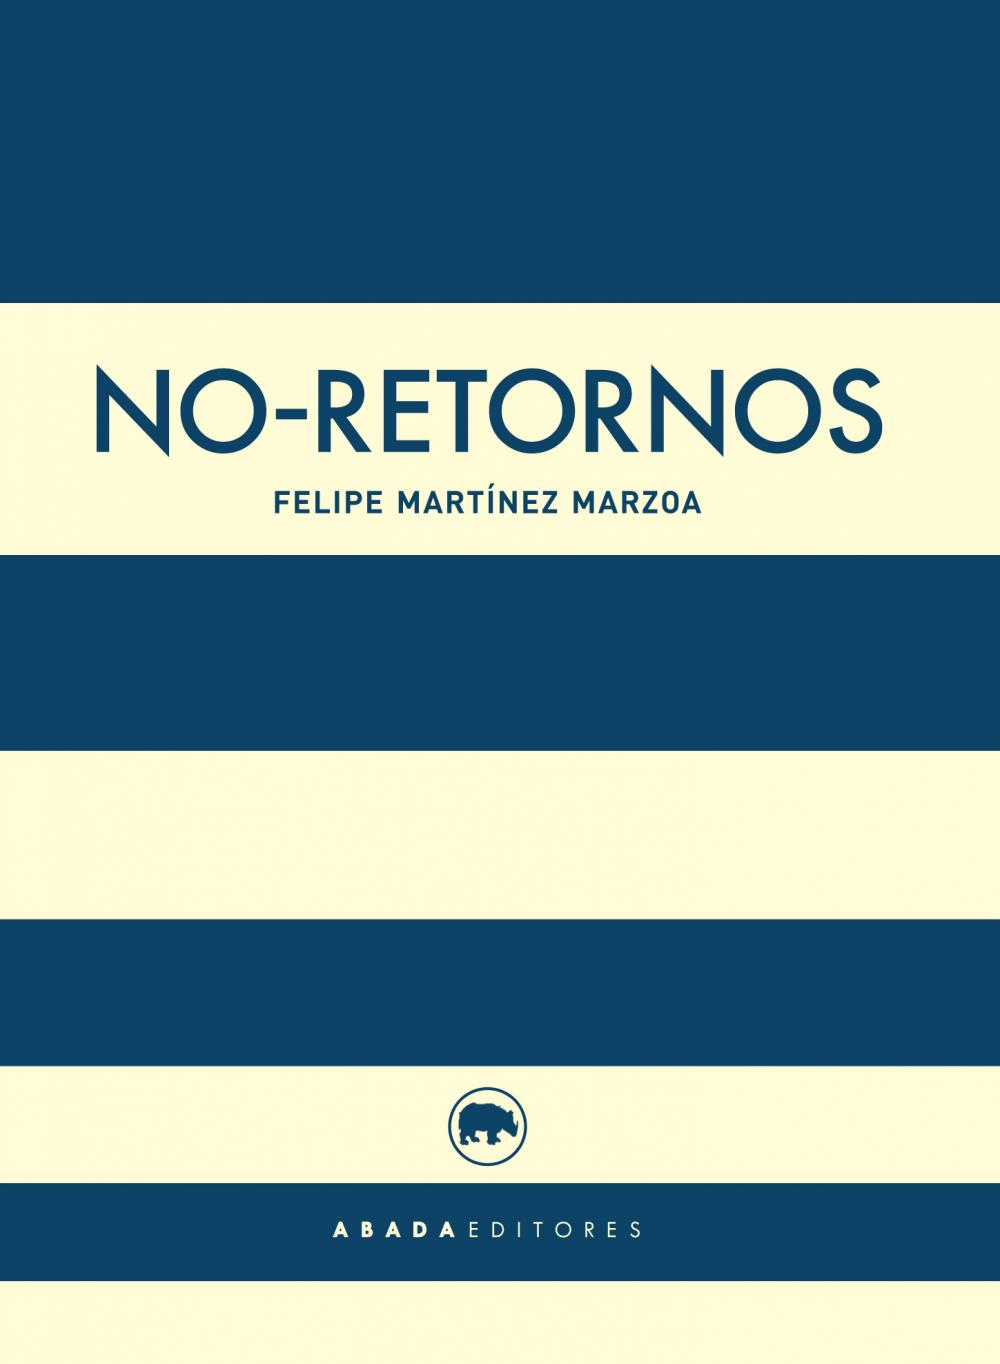 No-retornos